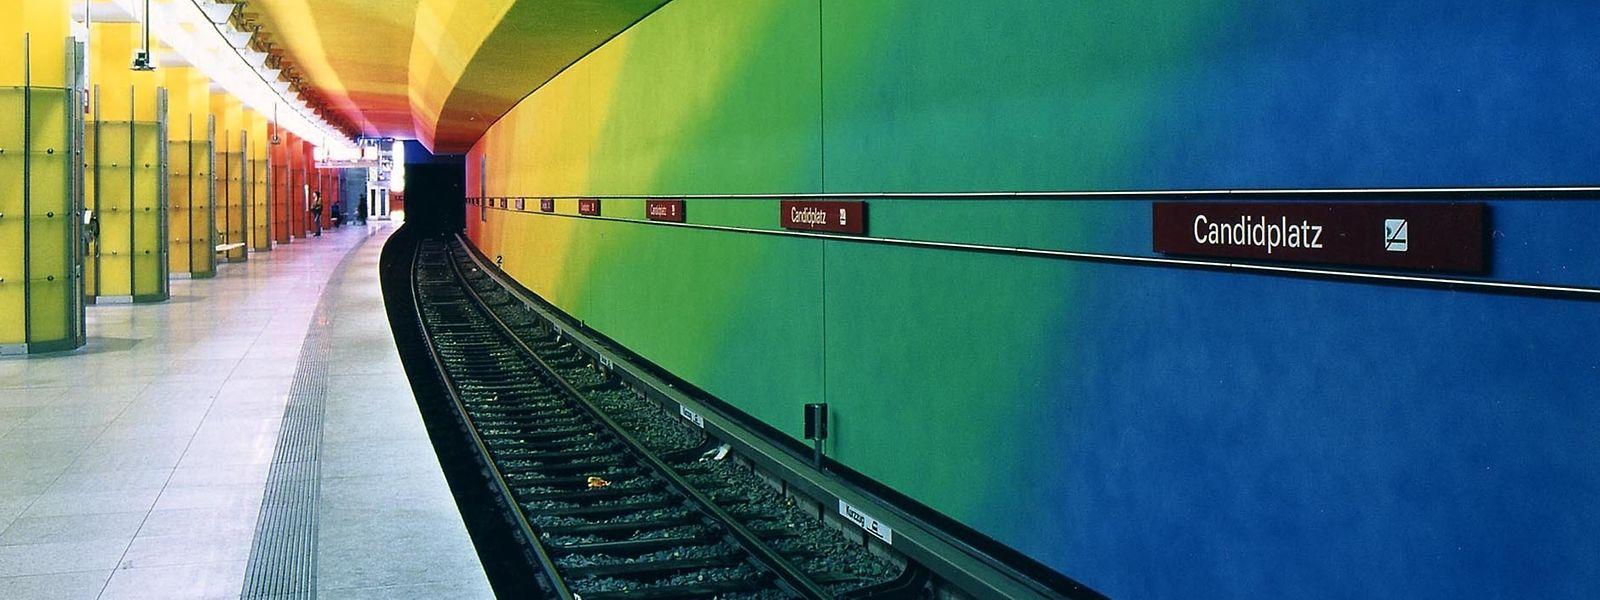 Regenbogen statt Blau und Weiß: Design in der U-Bahn-Station Candidplatz in München.